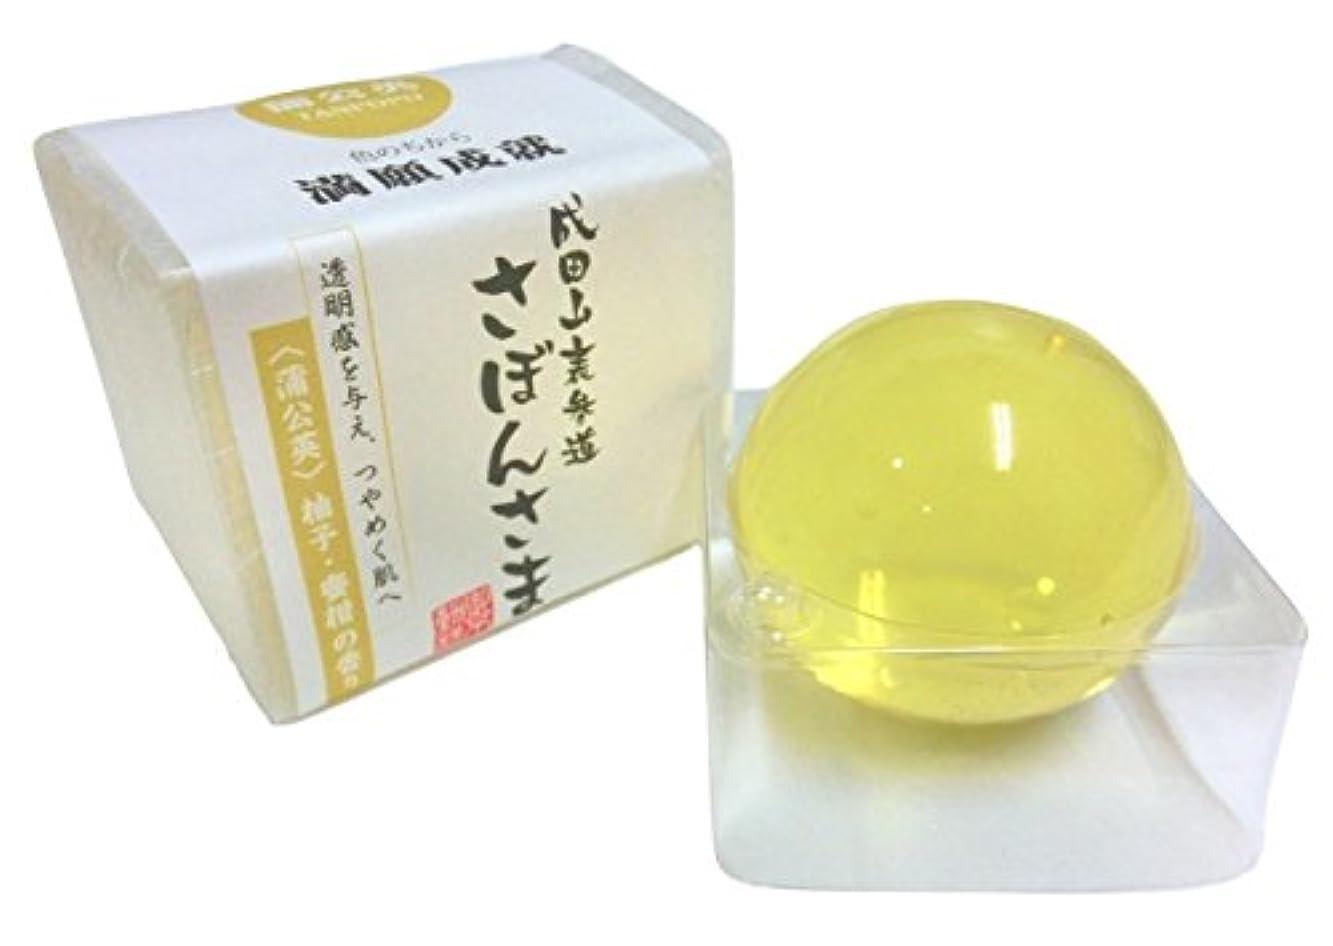 装備する副産物カナダ成田山表参道 さぼんさま〈蒲公英〉柚子?密柑の香り 100g